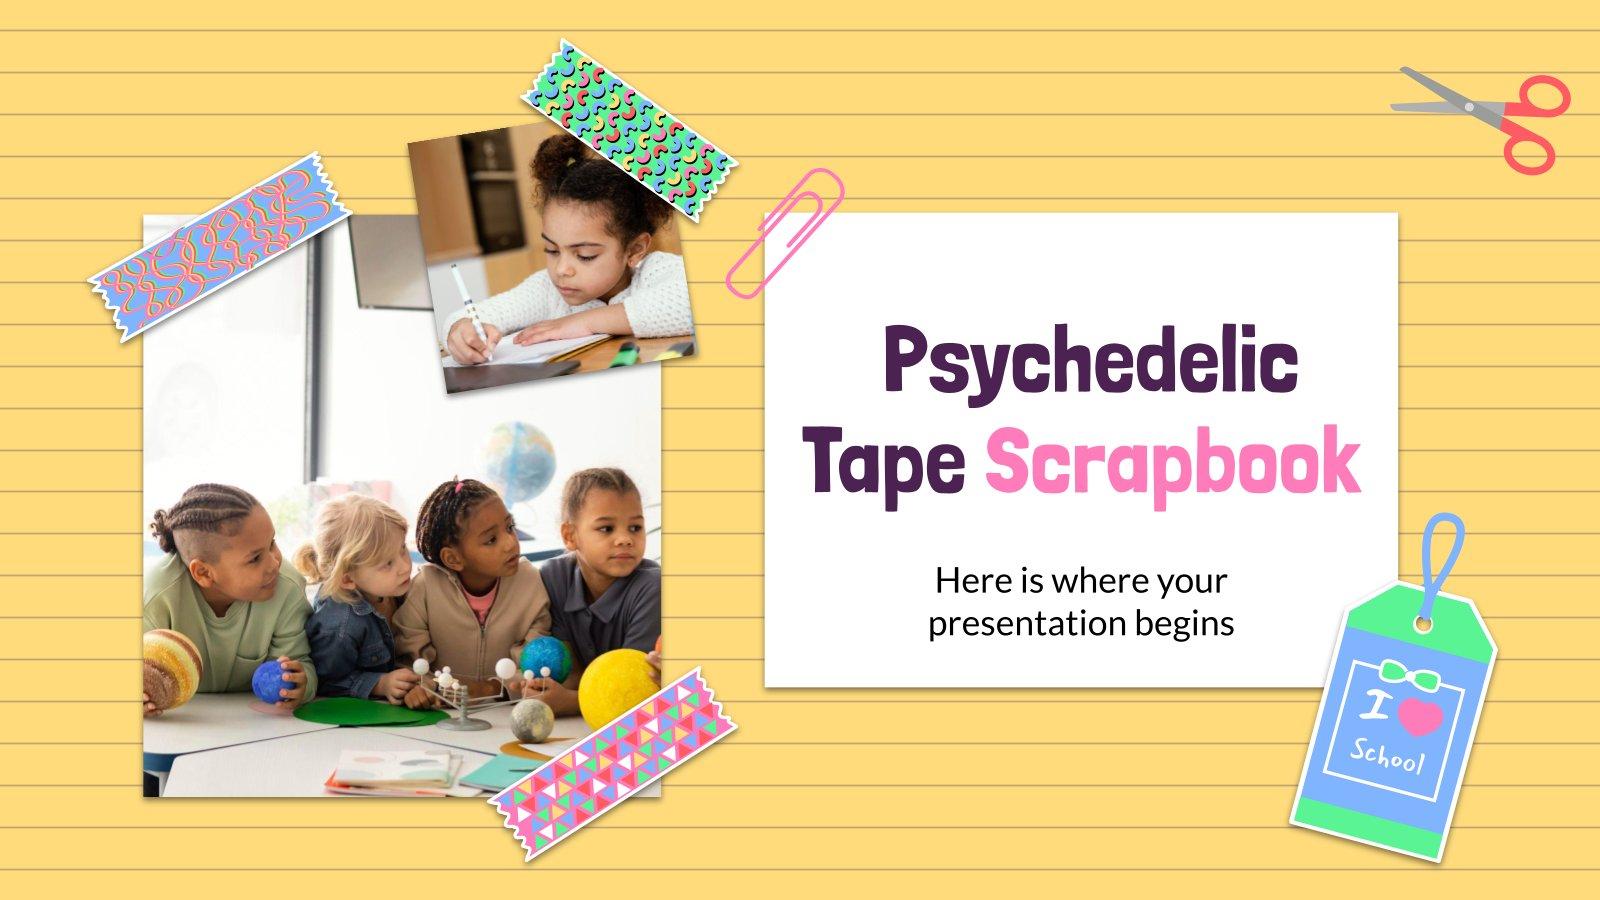 Modelo de apresentação Centro escolar scrapbook de fita psicodélica